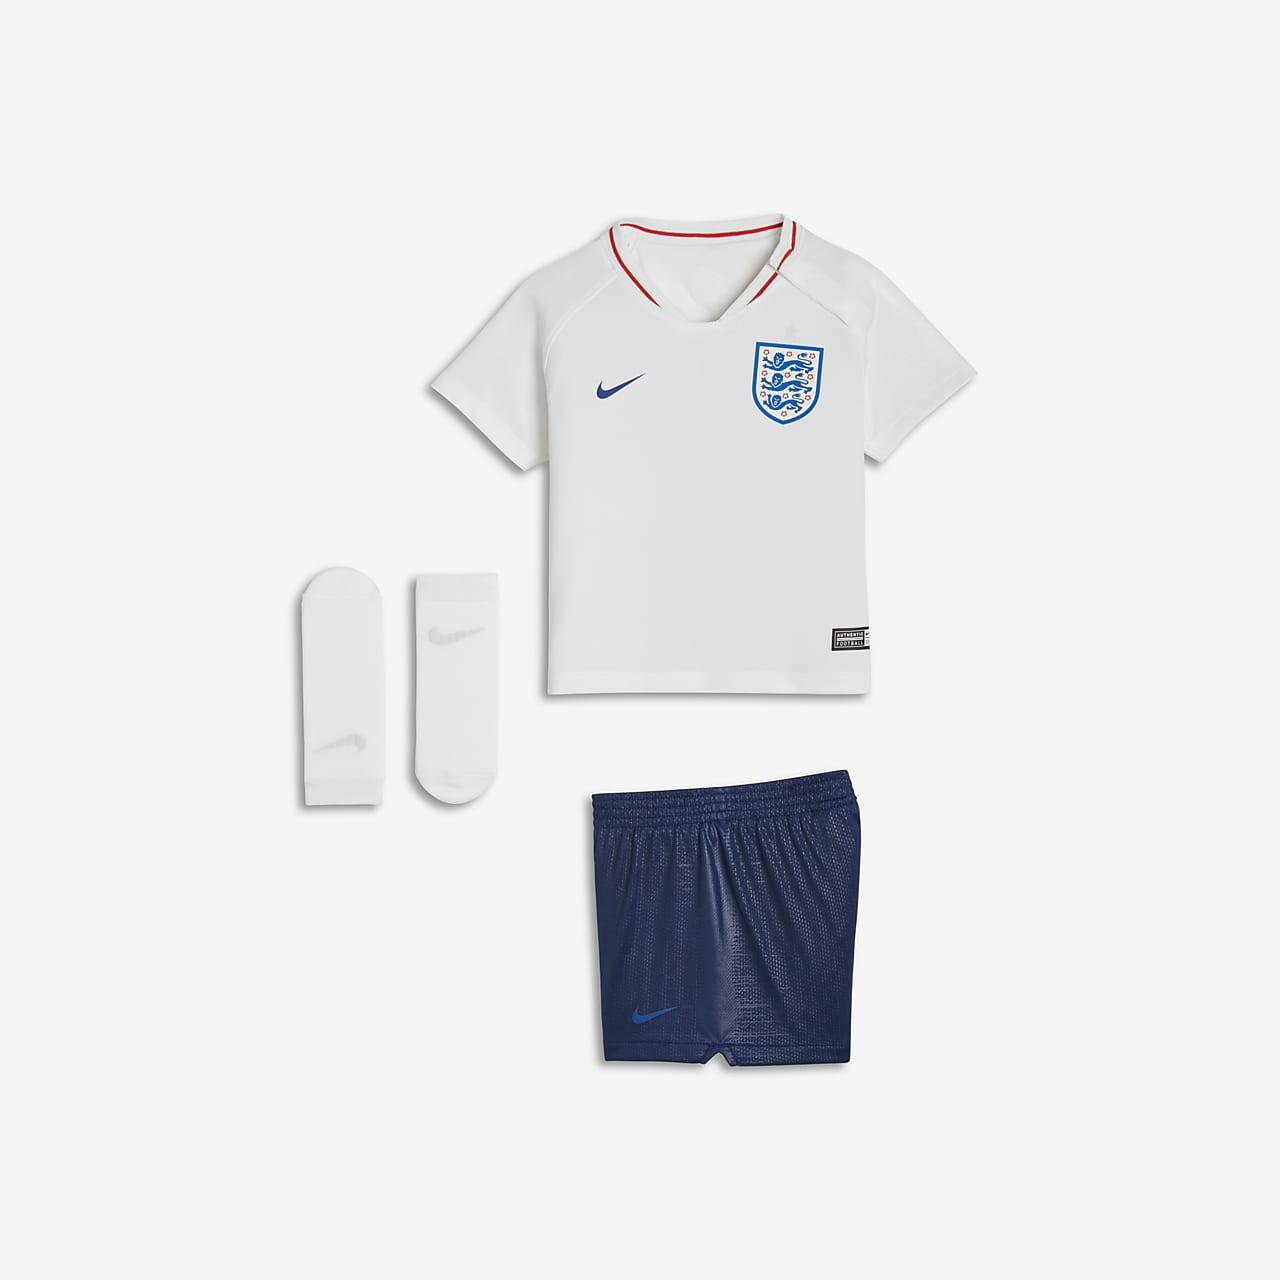 2018 İngiltere Stadyum İç Saha Bebek Futbol Forması